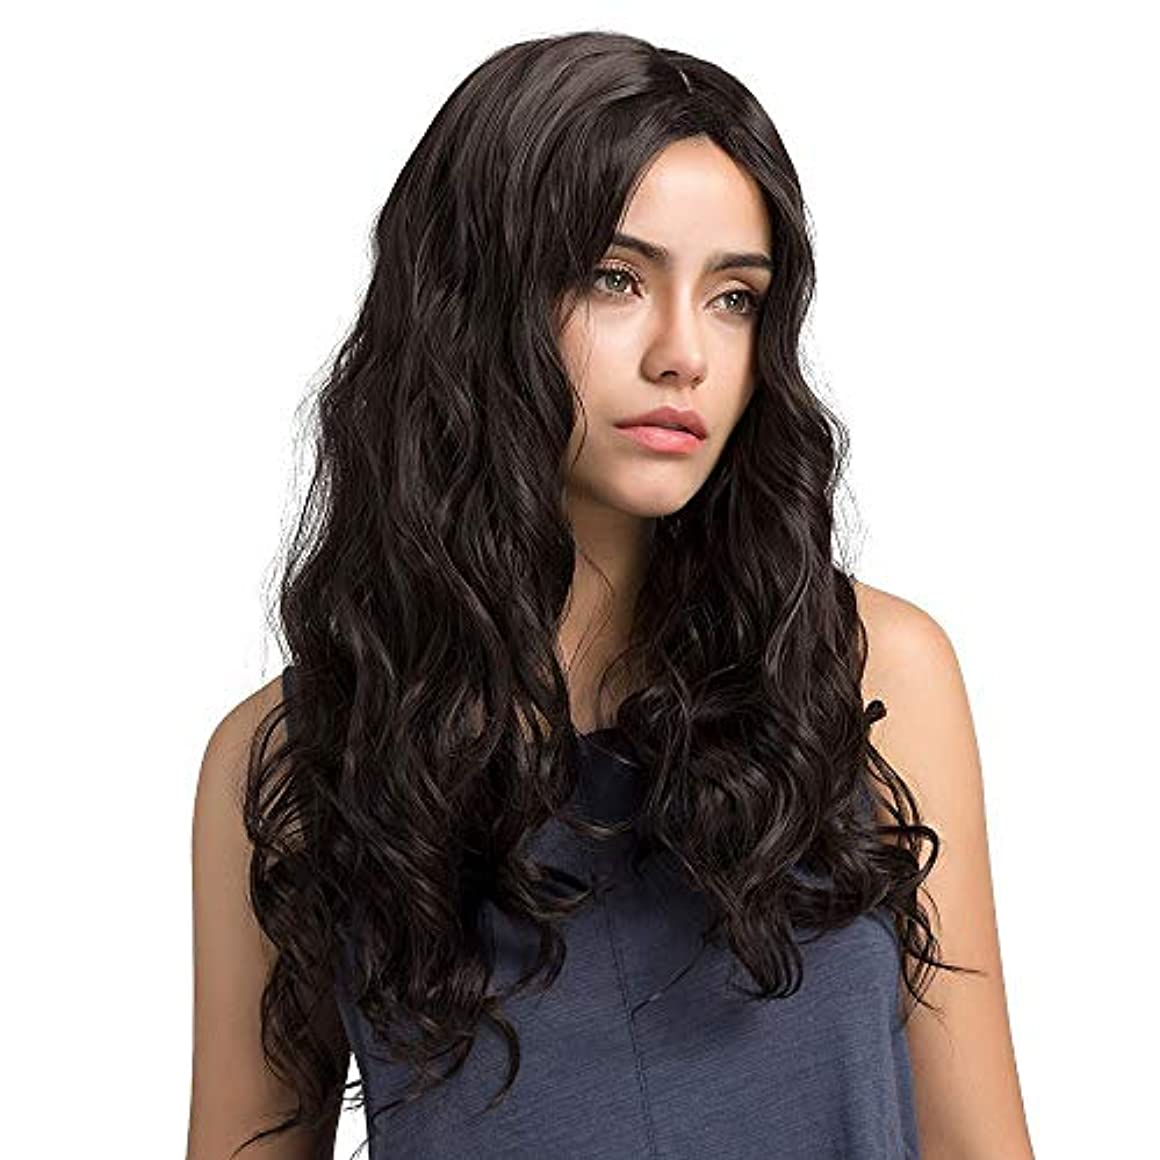 経歴寝具参加者女性の小さな波状の長い巻き毛のふわふわのかつら65 cm